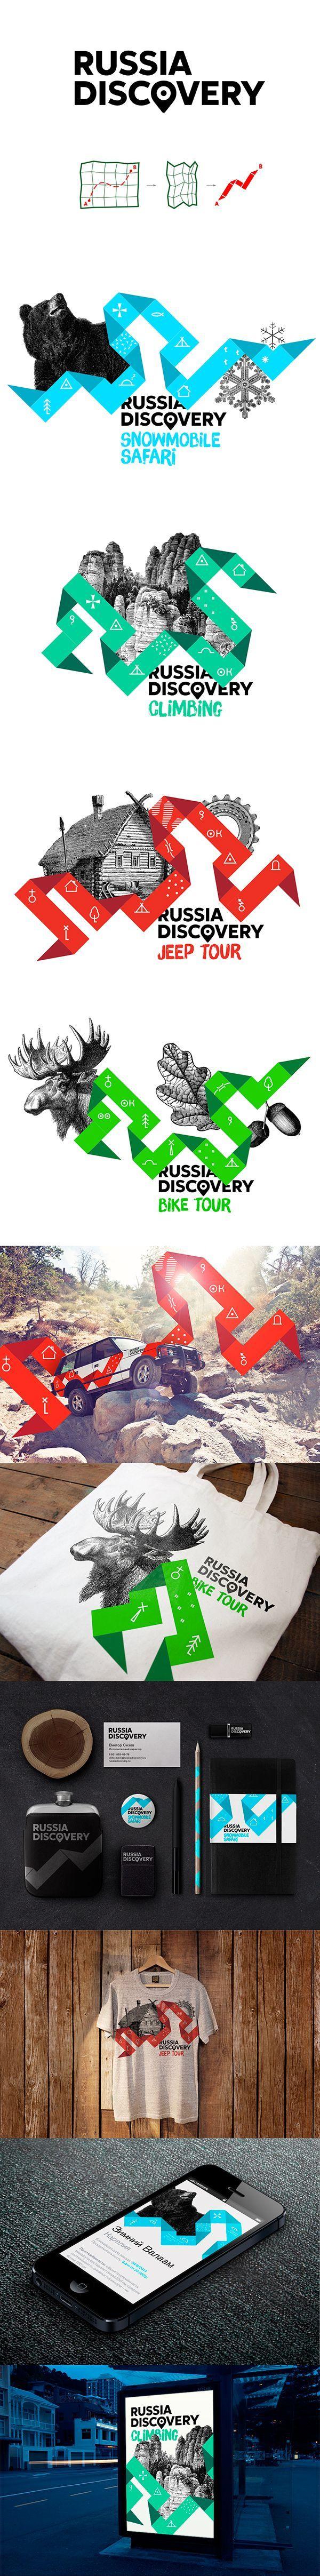 (2) http://revision.ru | Branding | Pinterest